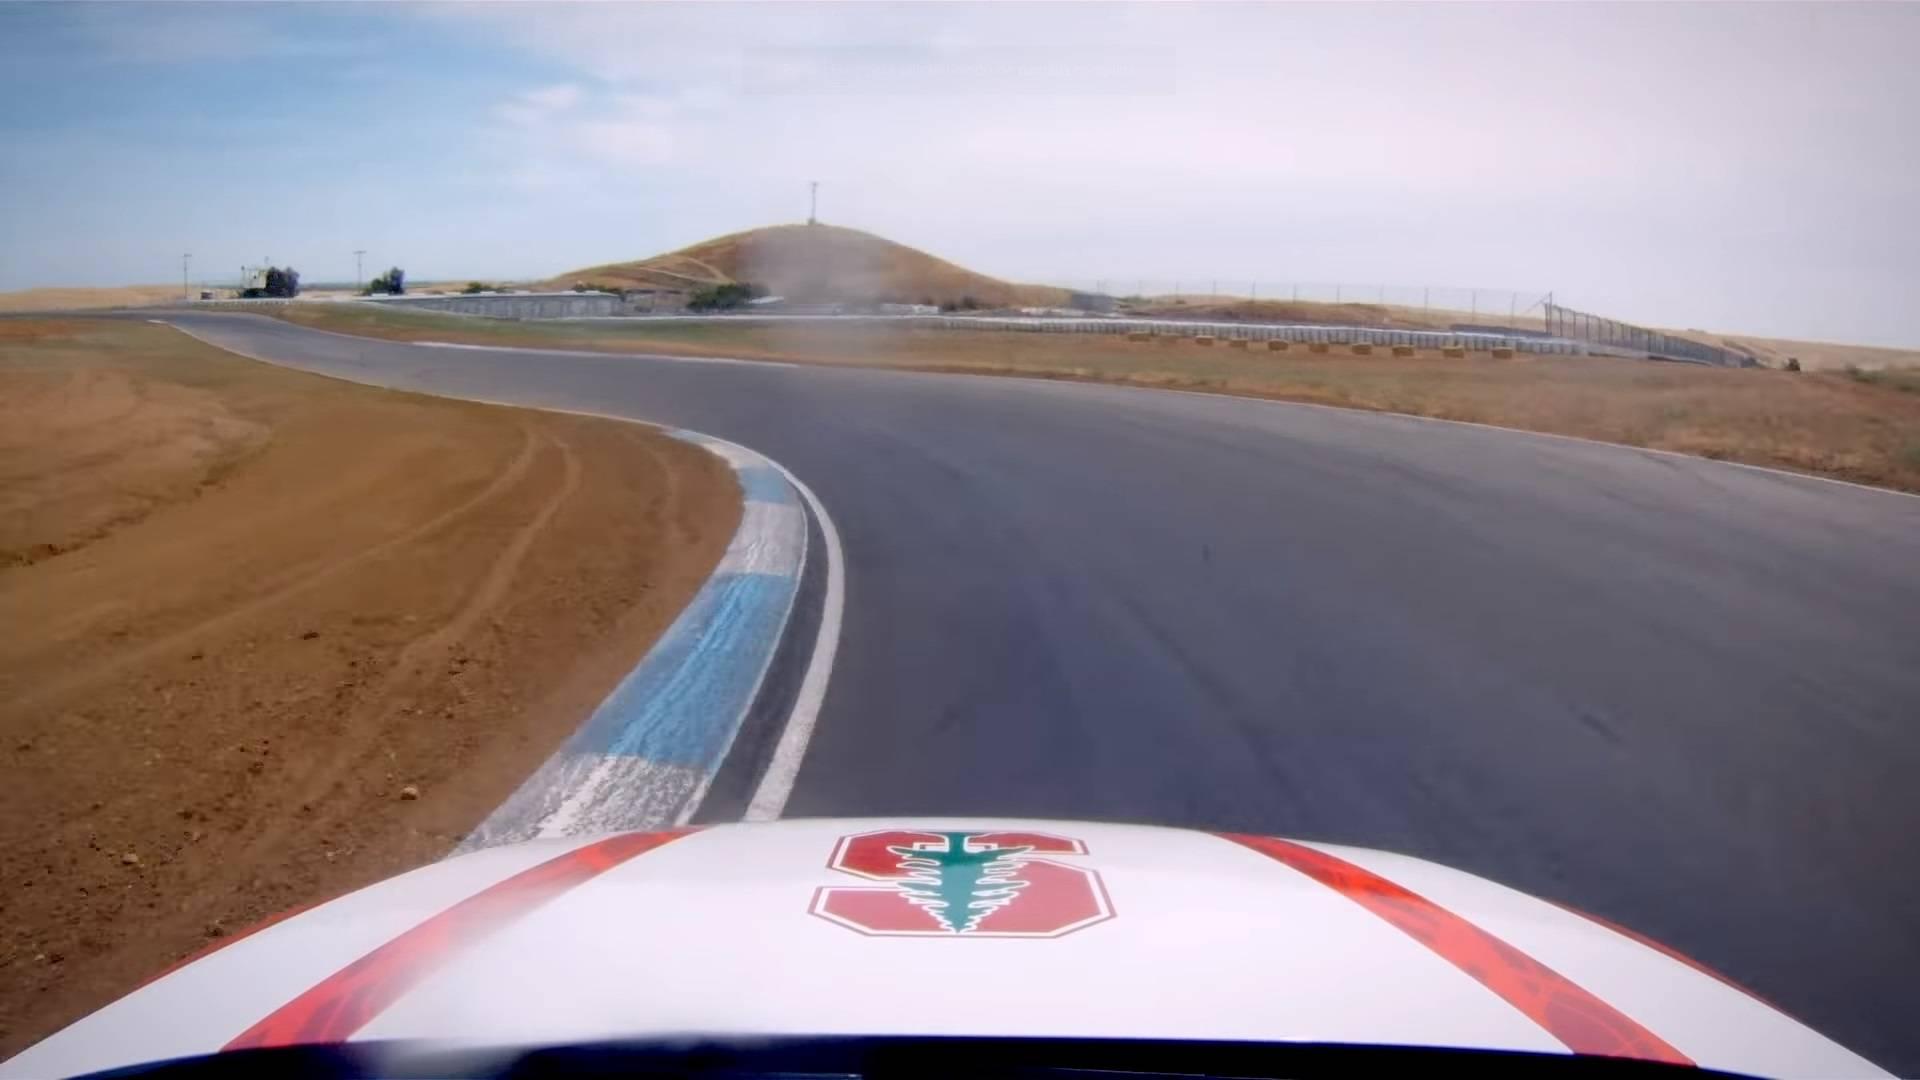 Desarrollan un carro autónomo capaz de tomar curvas a altas velocidades